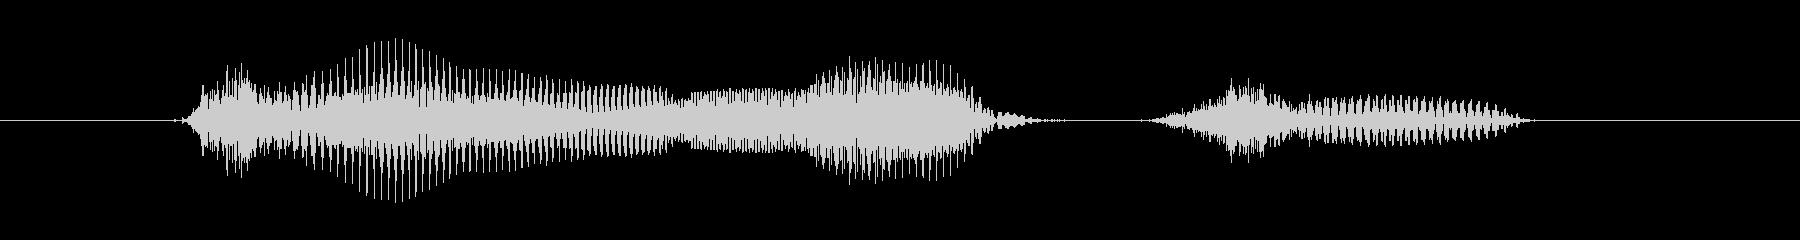 10月(10月・十月)の未再生の波形